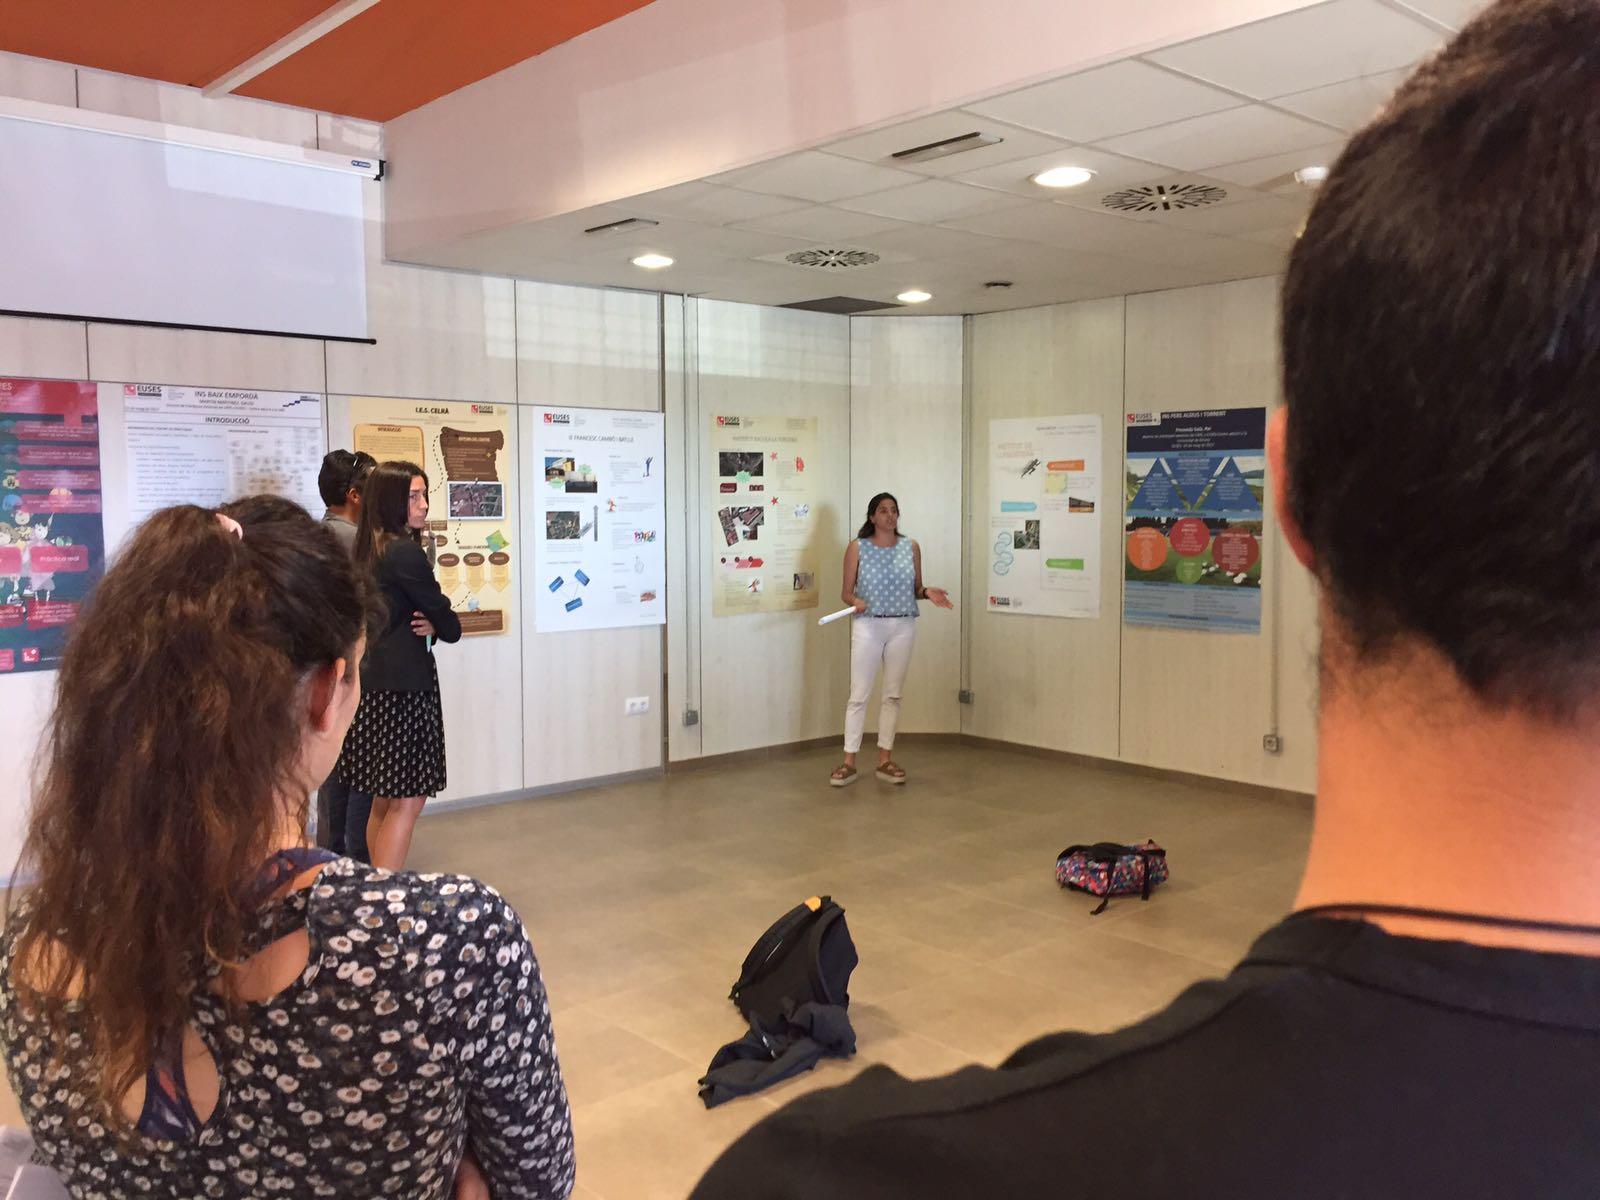 Els estudiants de 4t del Grau en Ciències de l'Activitat Física i l'Esport d'EUSES-UdG presenten els seus pòsters de pràctiques